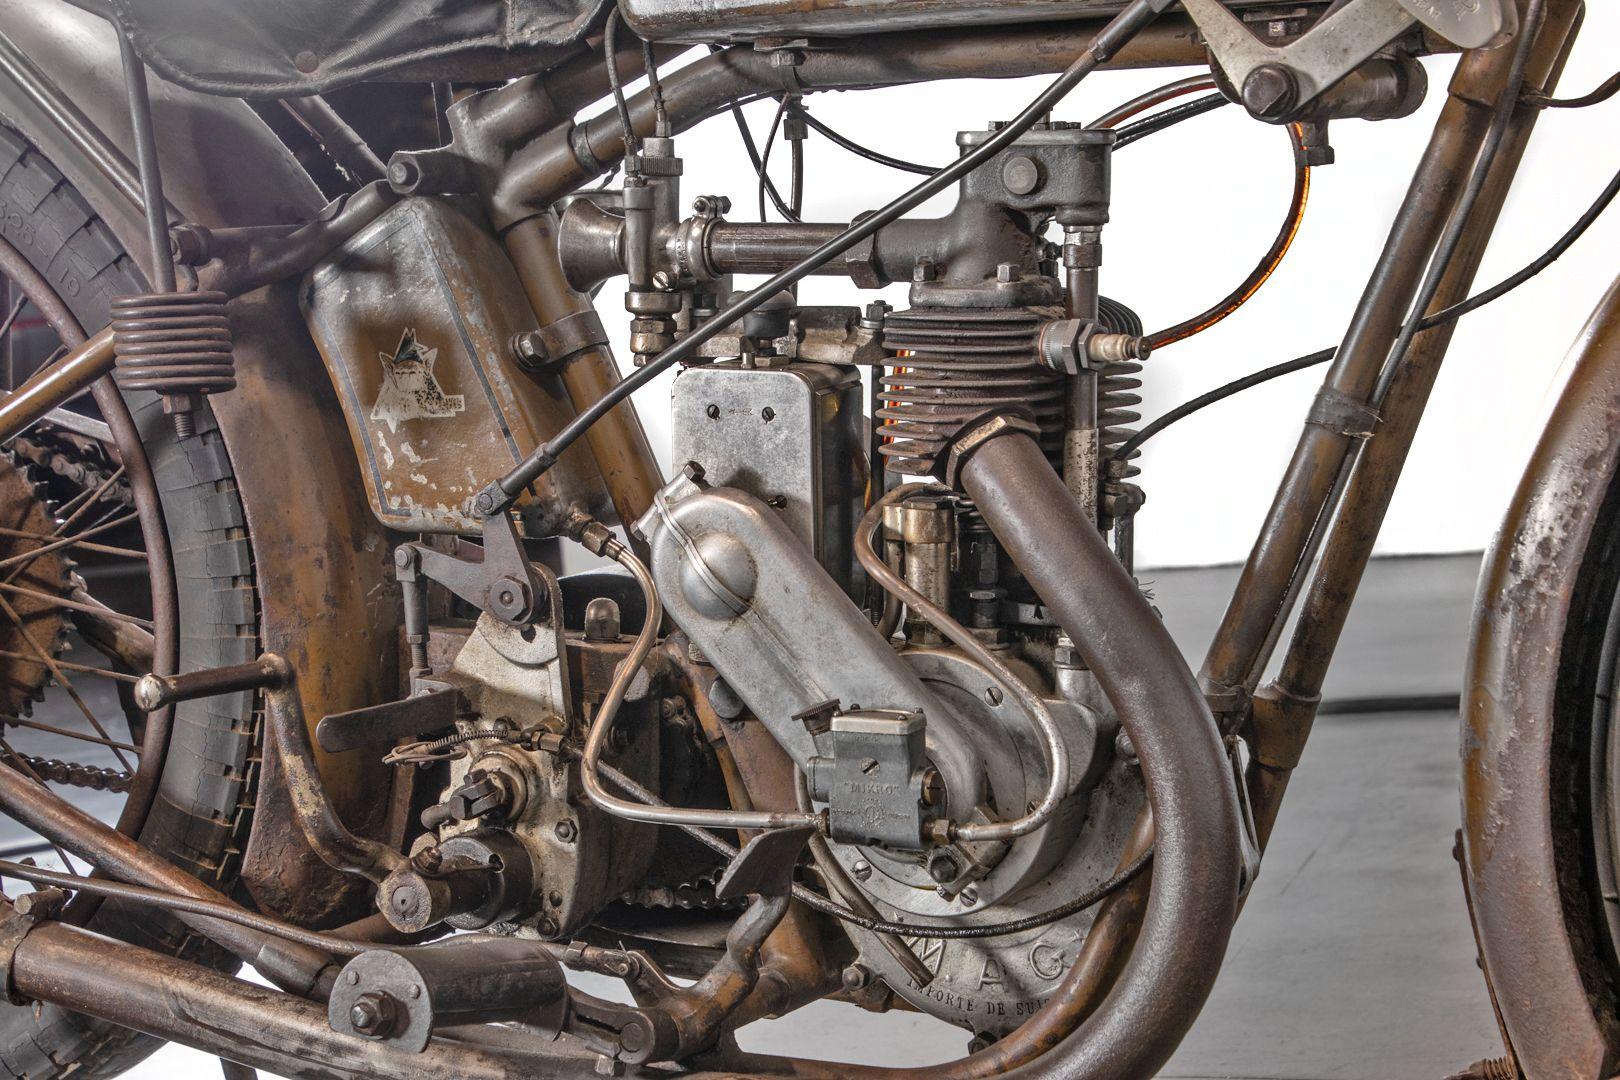 1940 Motosacoche 250 38128